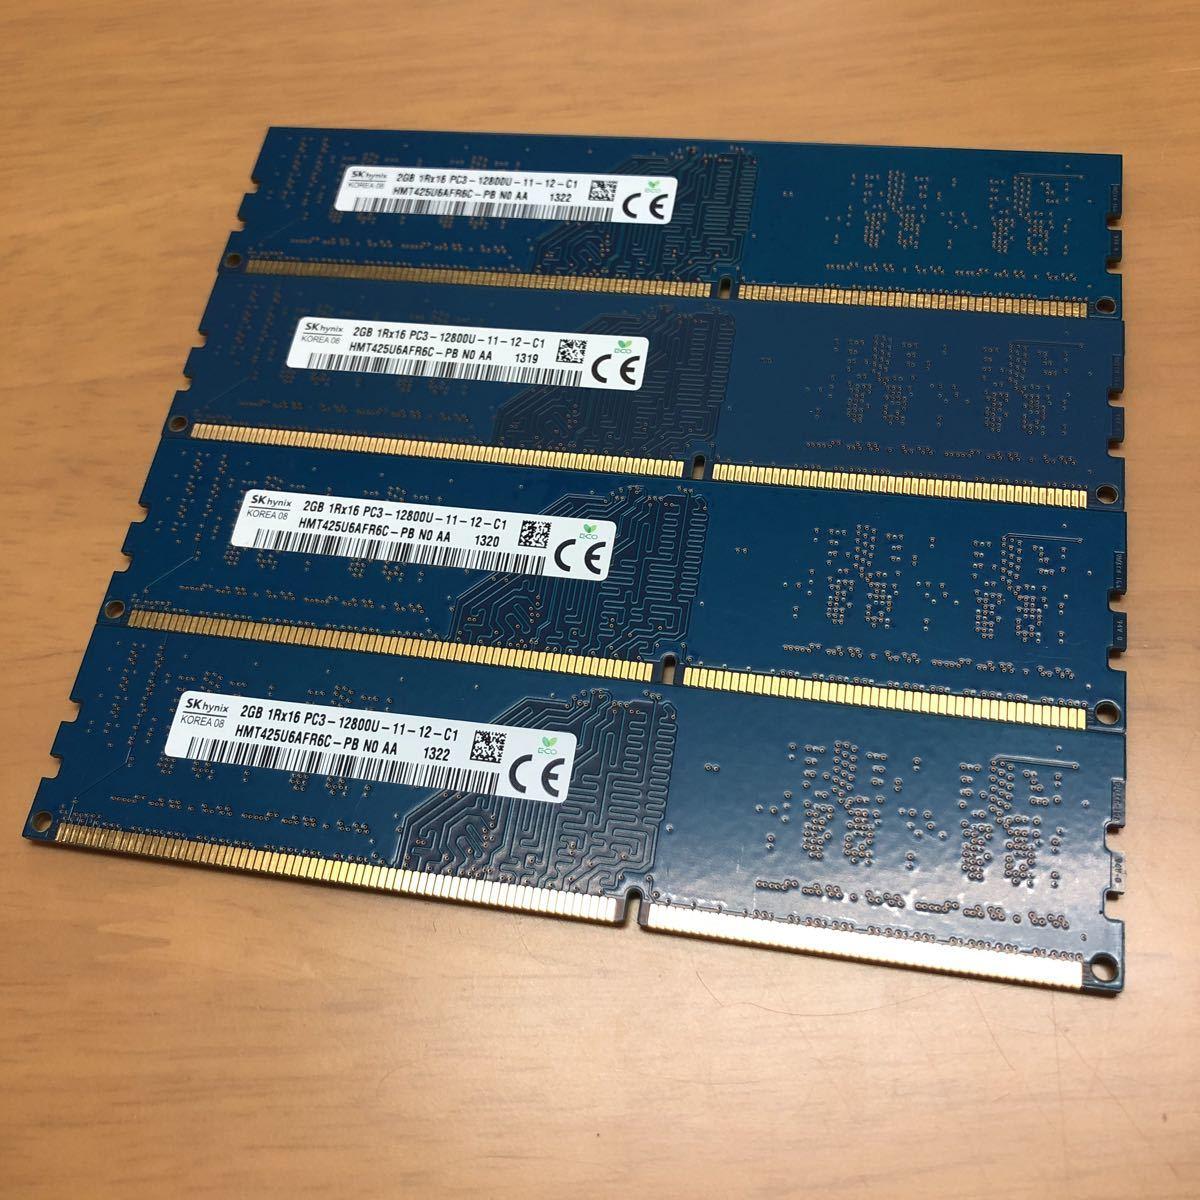 高性能 美品 SK hynix 1Rx16 PC3-12800U-11-12-C1 2GB×4枚 計8GB (DDR3 1600) 片面チップ デスクトップ PCメモリー 完動品